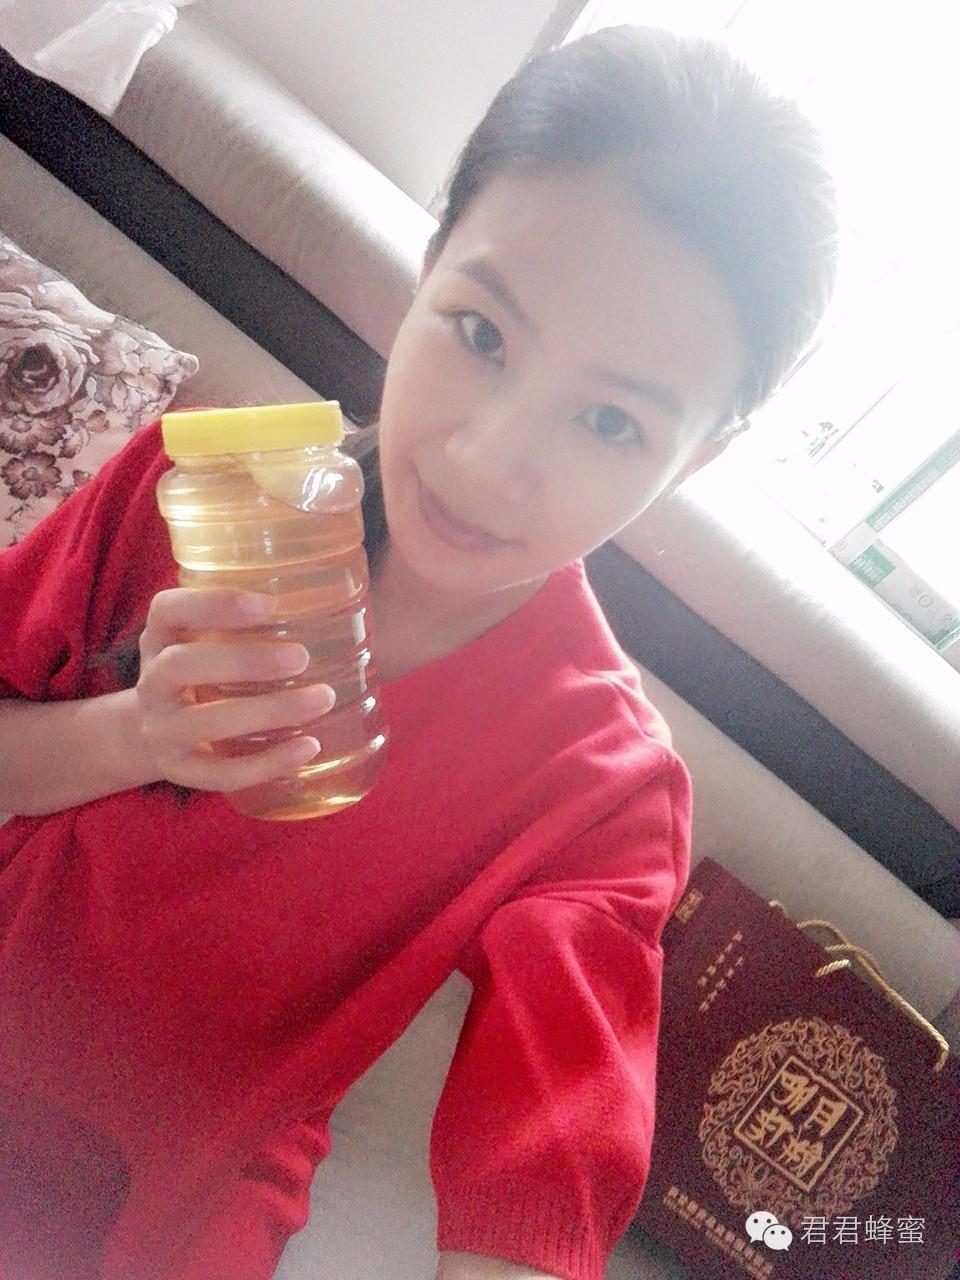 出口 牛奶可以加蜂蜜吗 现代研究 蜂蜜茶 真蜂蜜多少钱一斤